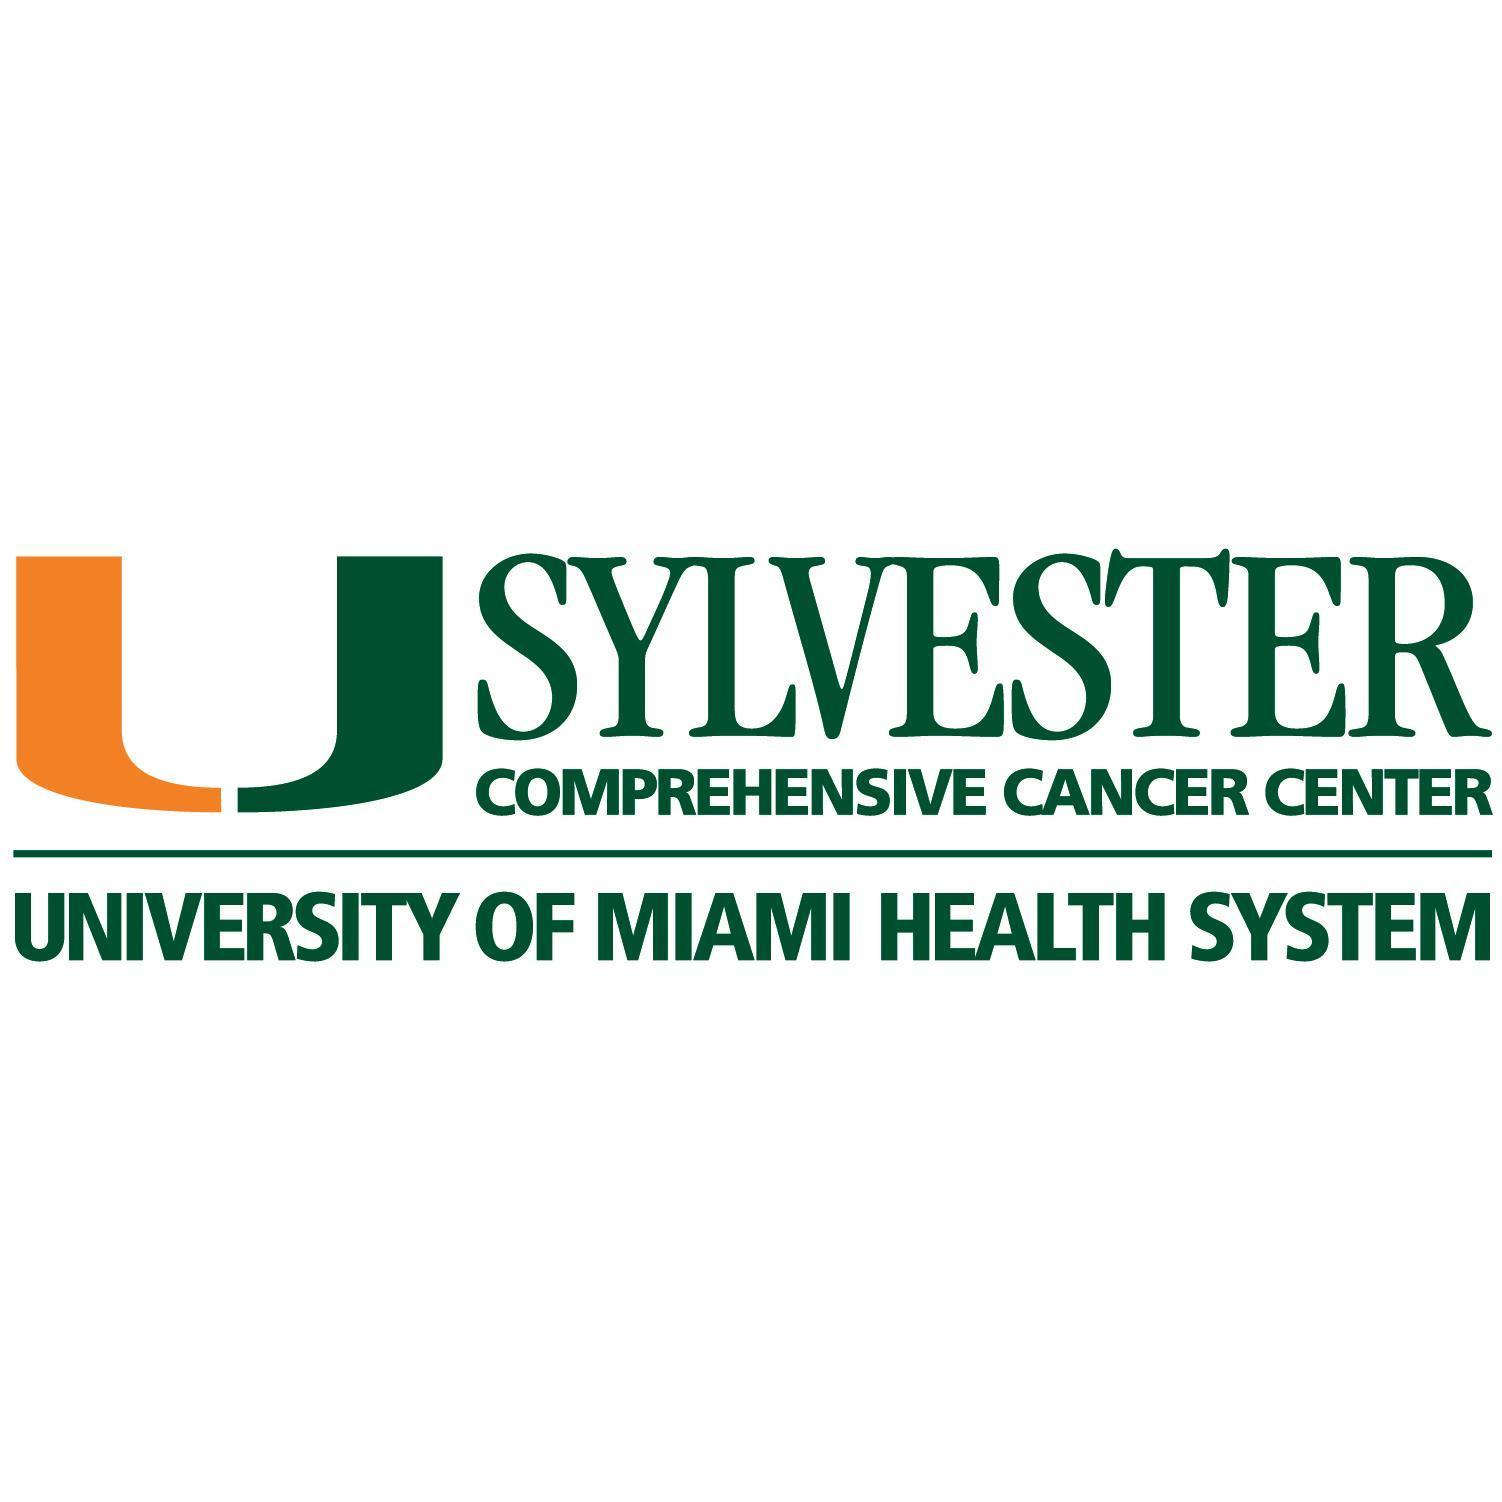 Sylvester Comprehensive Cancer Center image 1